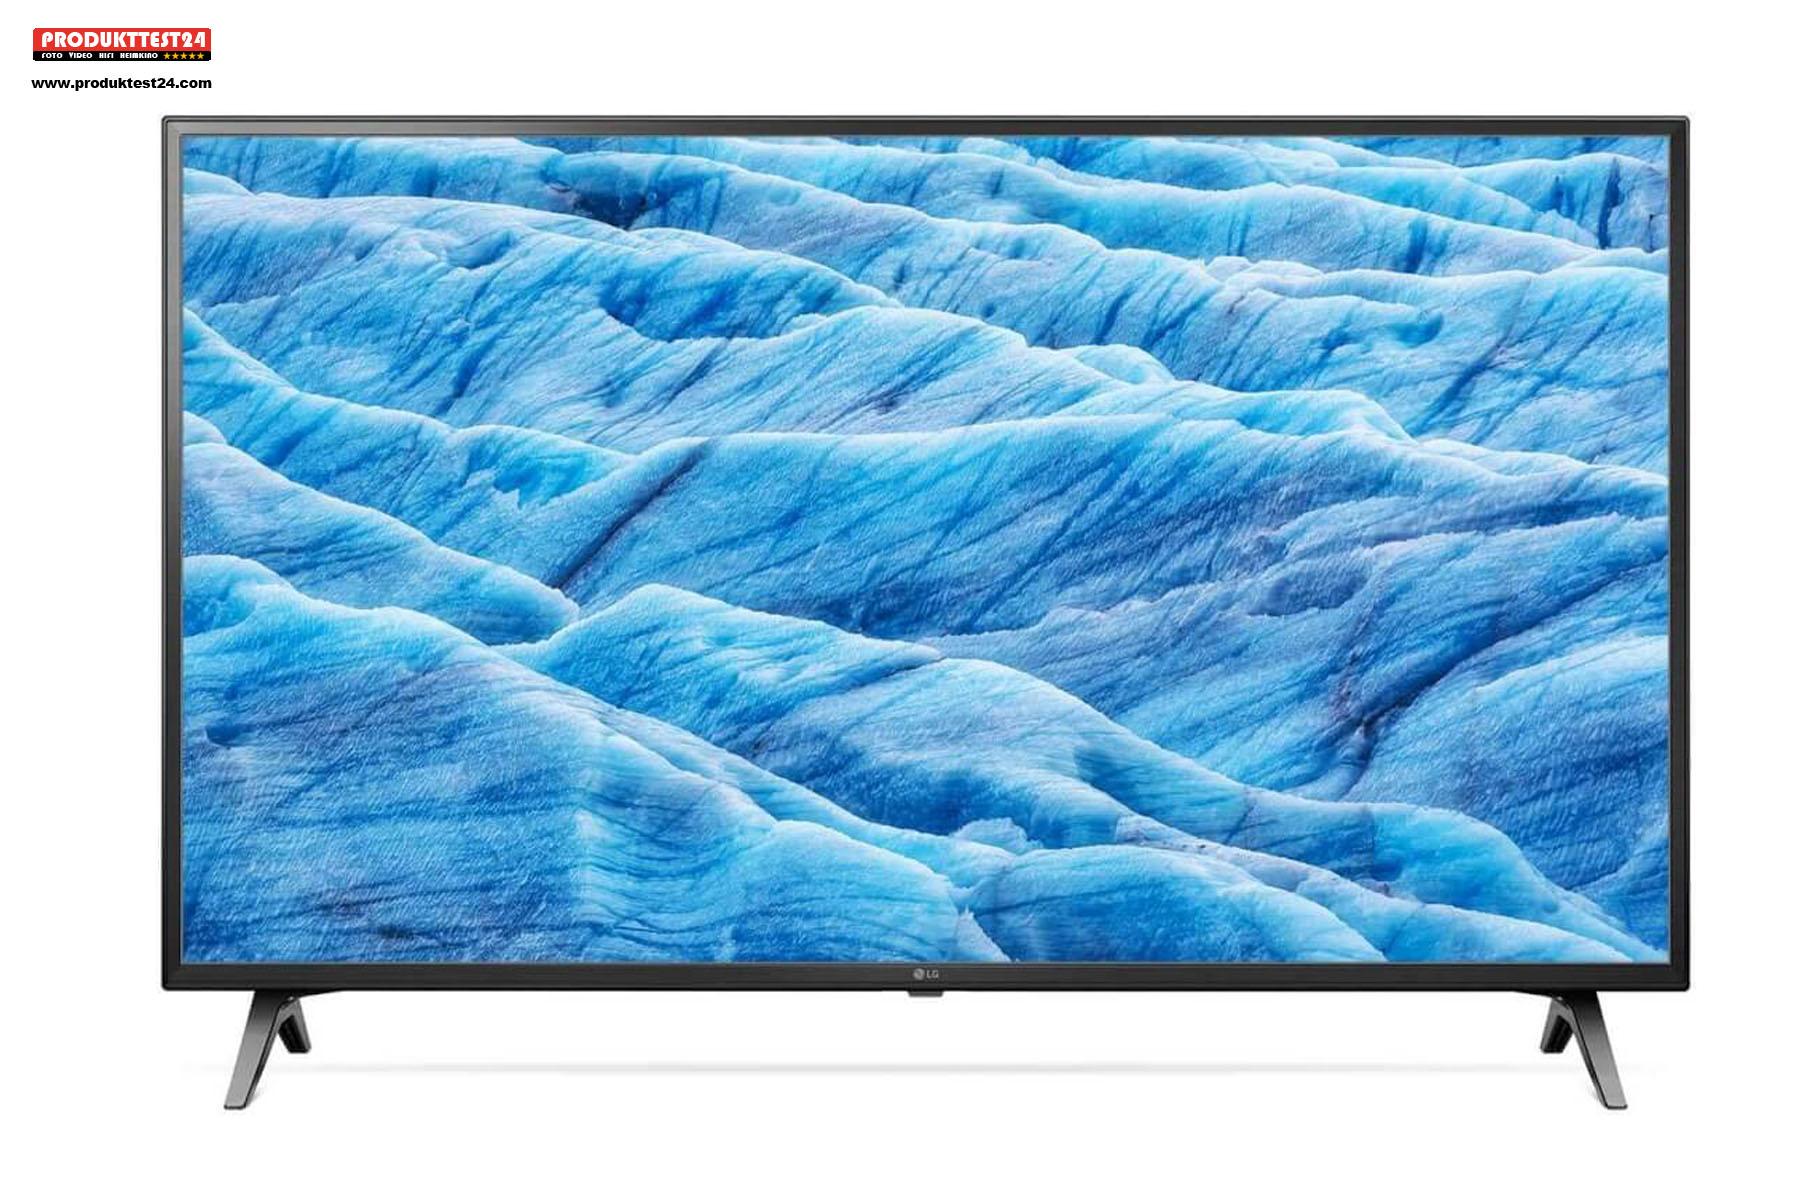 Der neue LG 43UM7100 UHD 4K TV